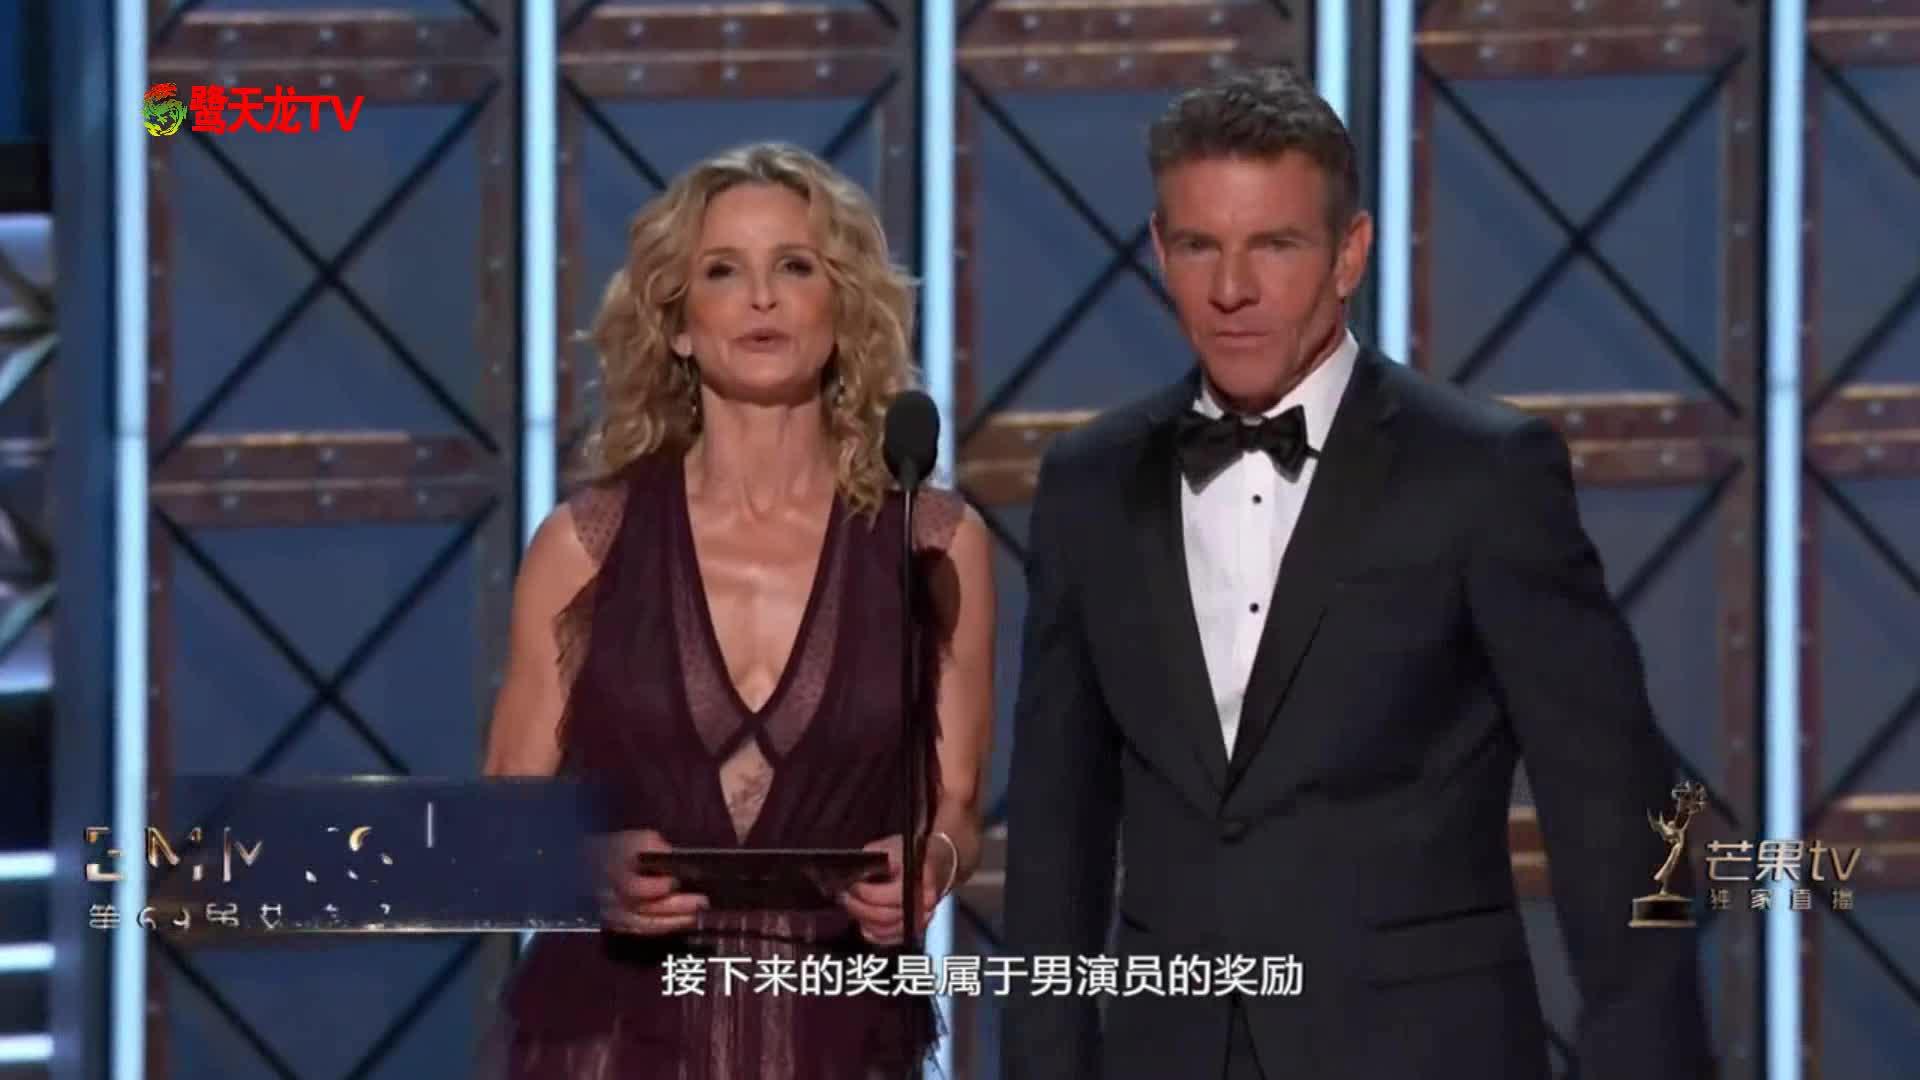 艾美奖颁奖典礼:剧情类最佳男主角